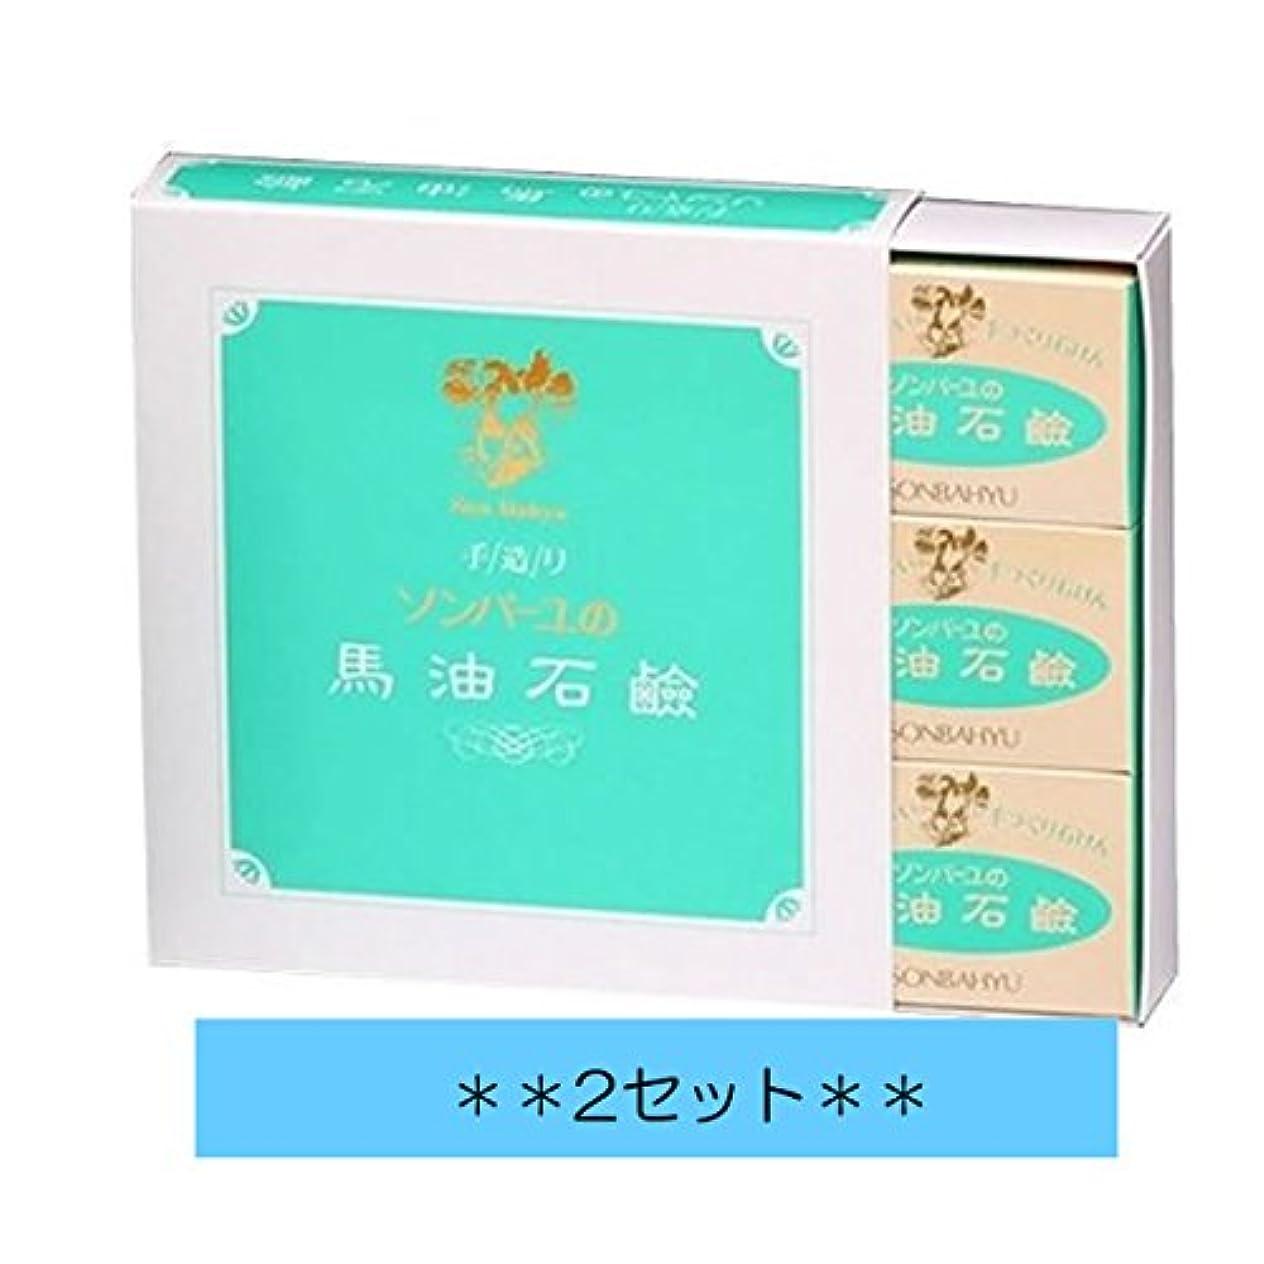 【2箱セット】ソンバーユ石鹸 85g×6個